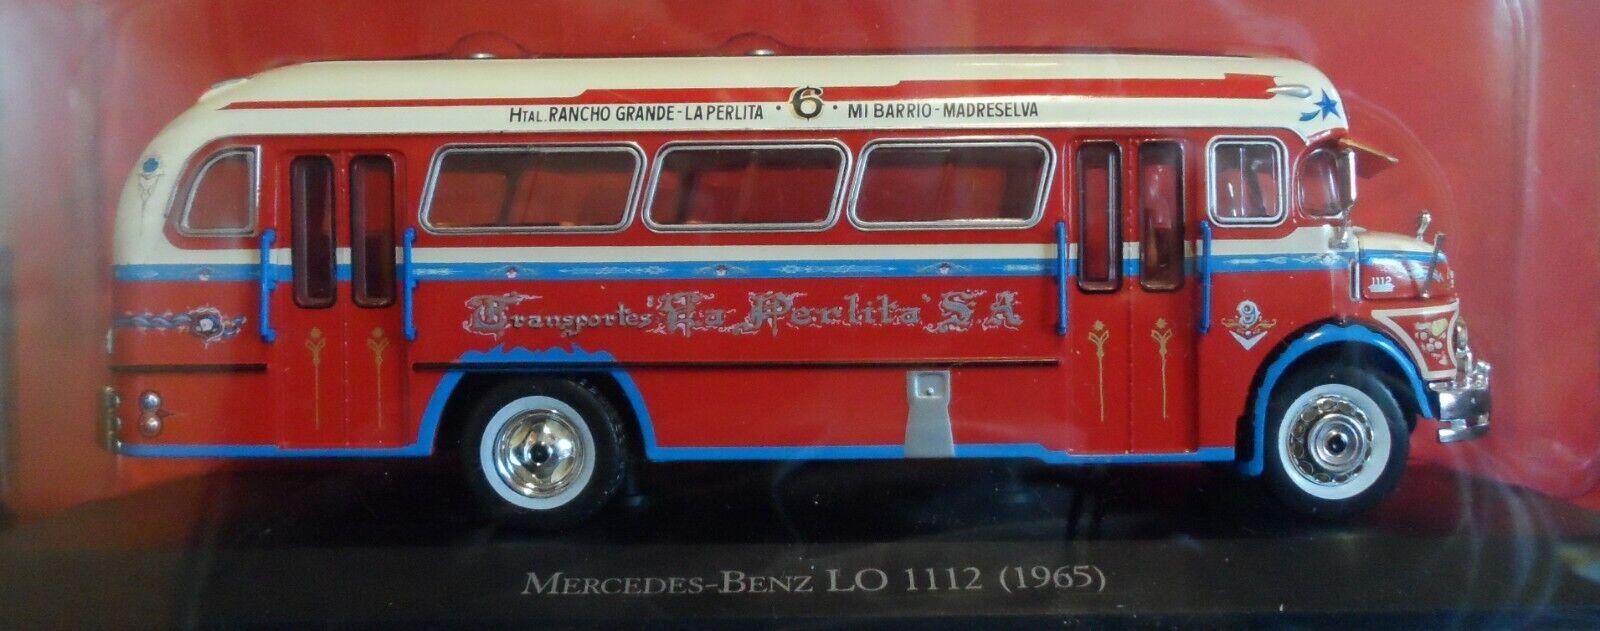 MERCEDES BENZ LO 1112 Bus 1965 silverINA  LA PERLITA diecast 1 43